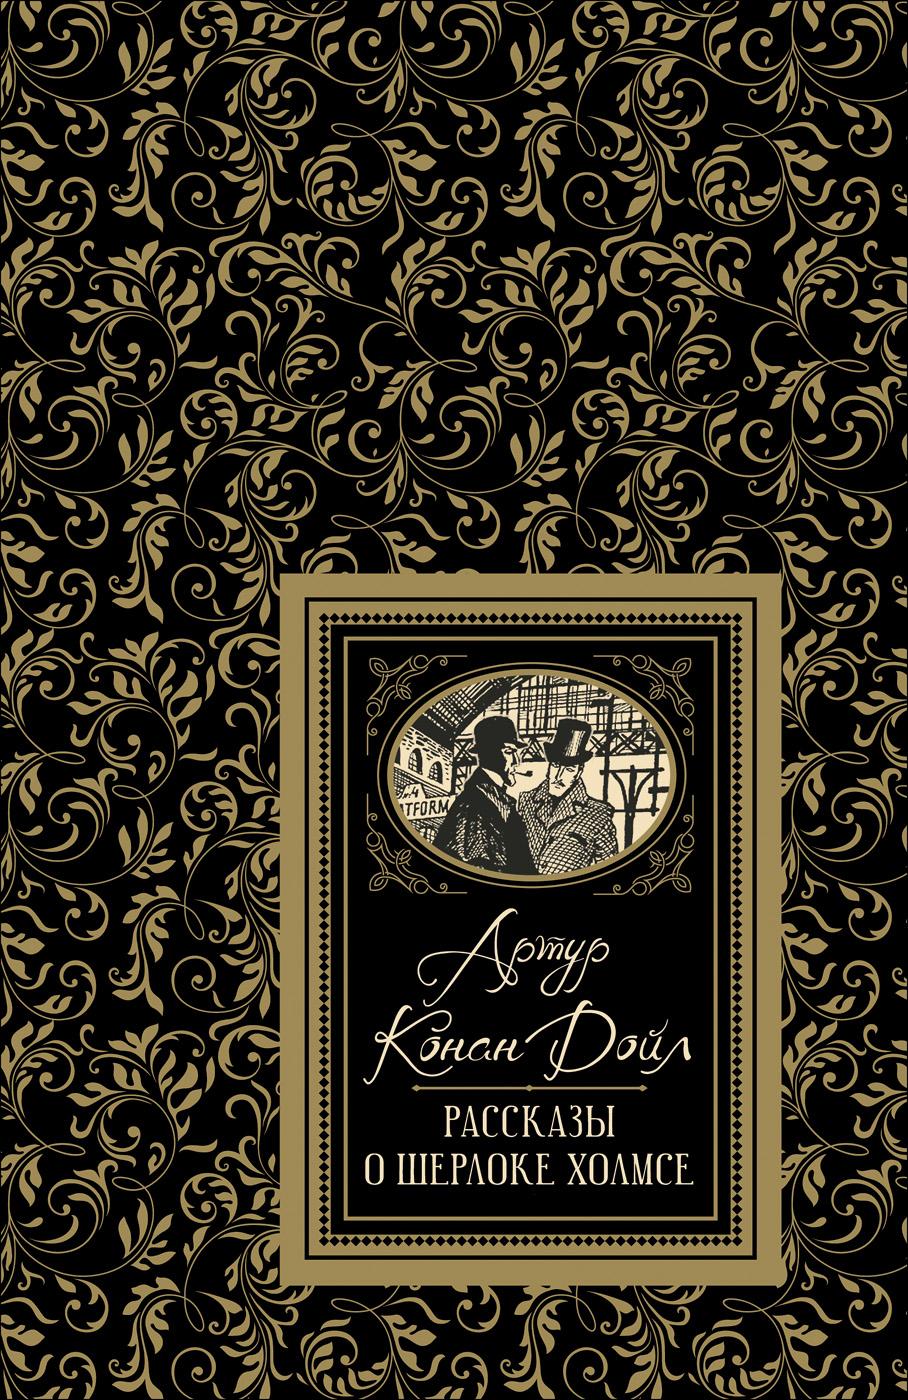 Рассказы о Шерлоке Холмсе